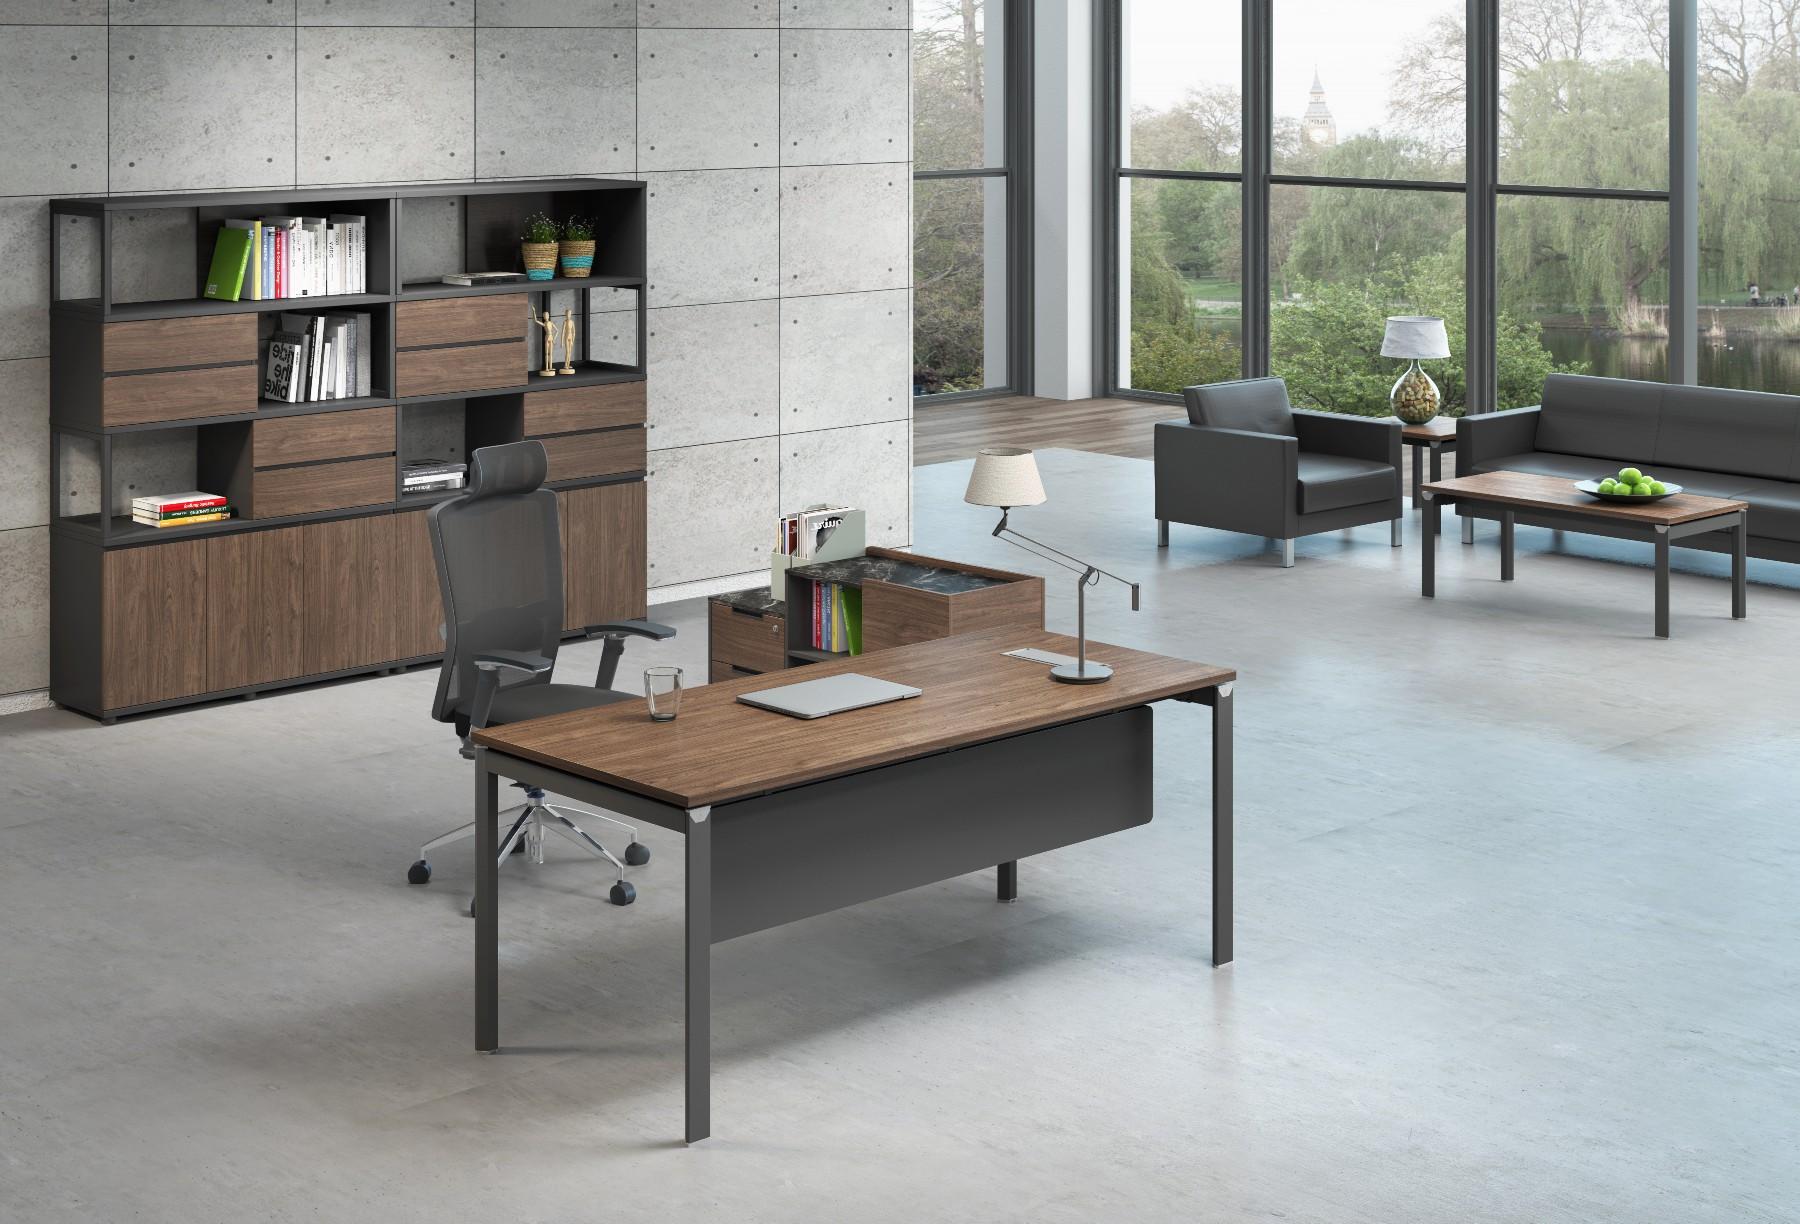 简约现代单人办公桌椅组合